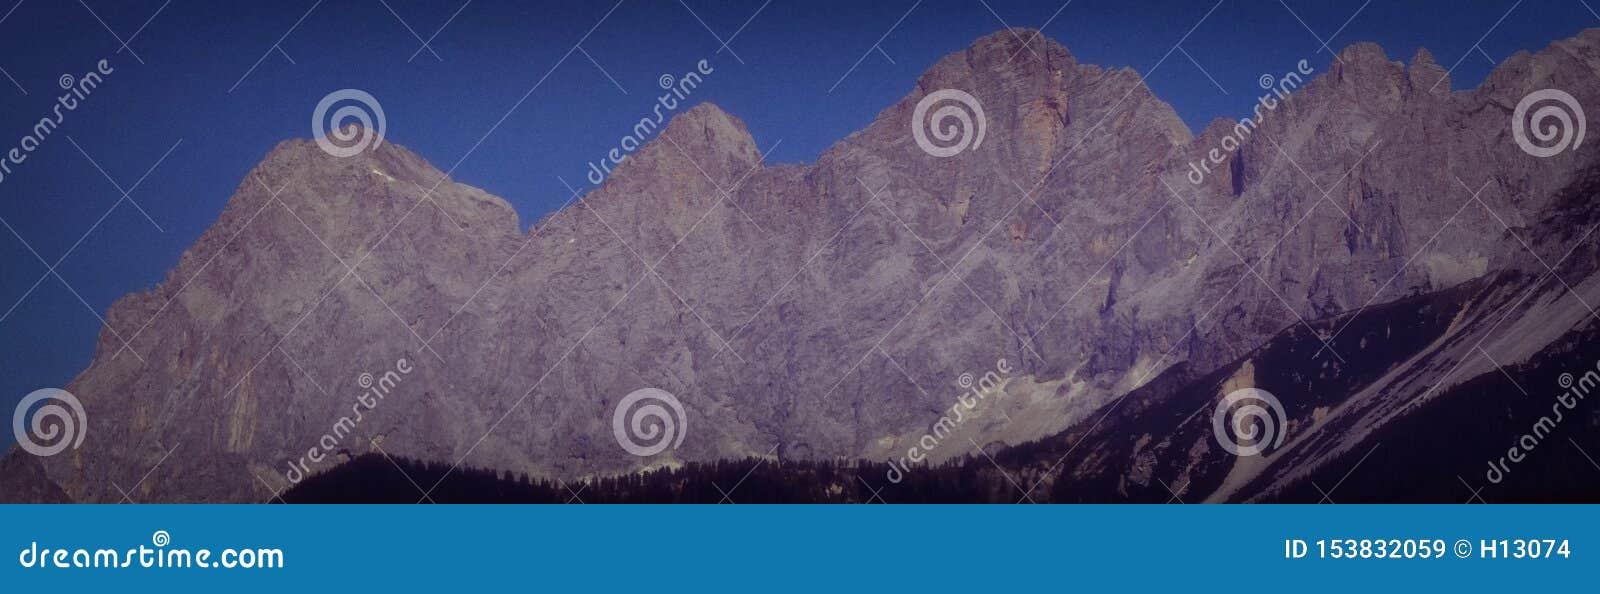 Dachstein石灰石断层块